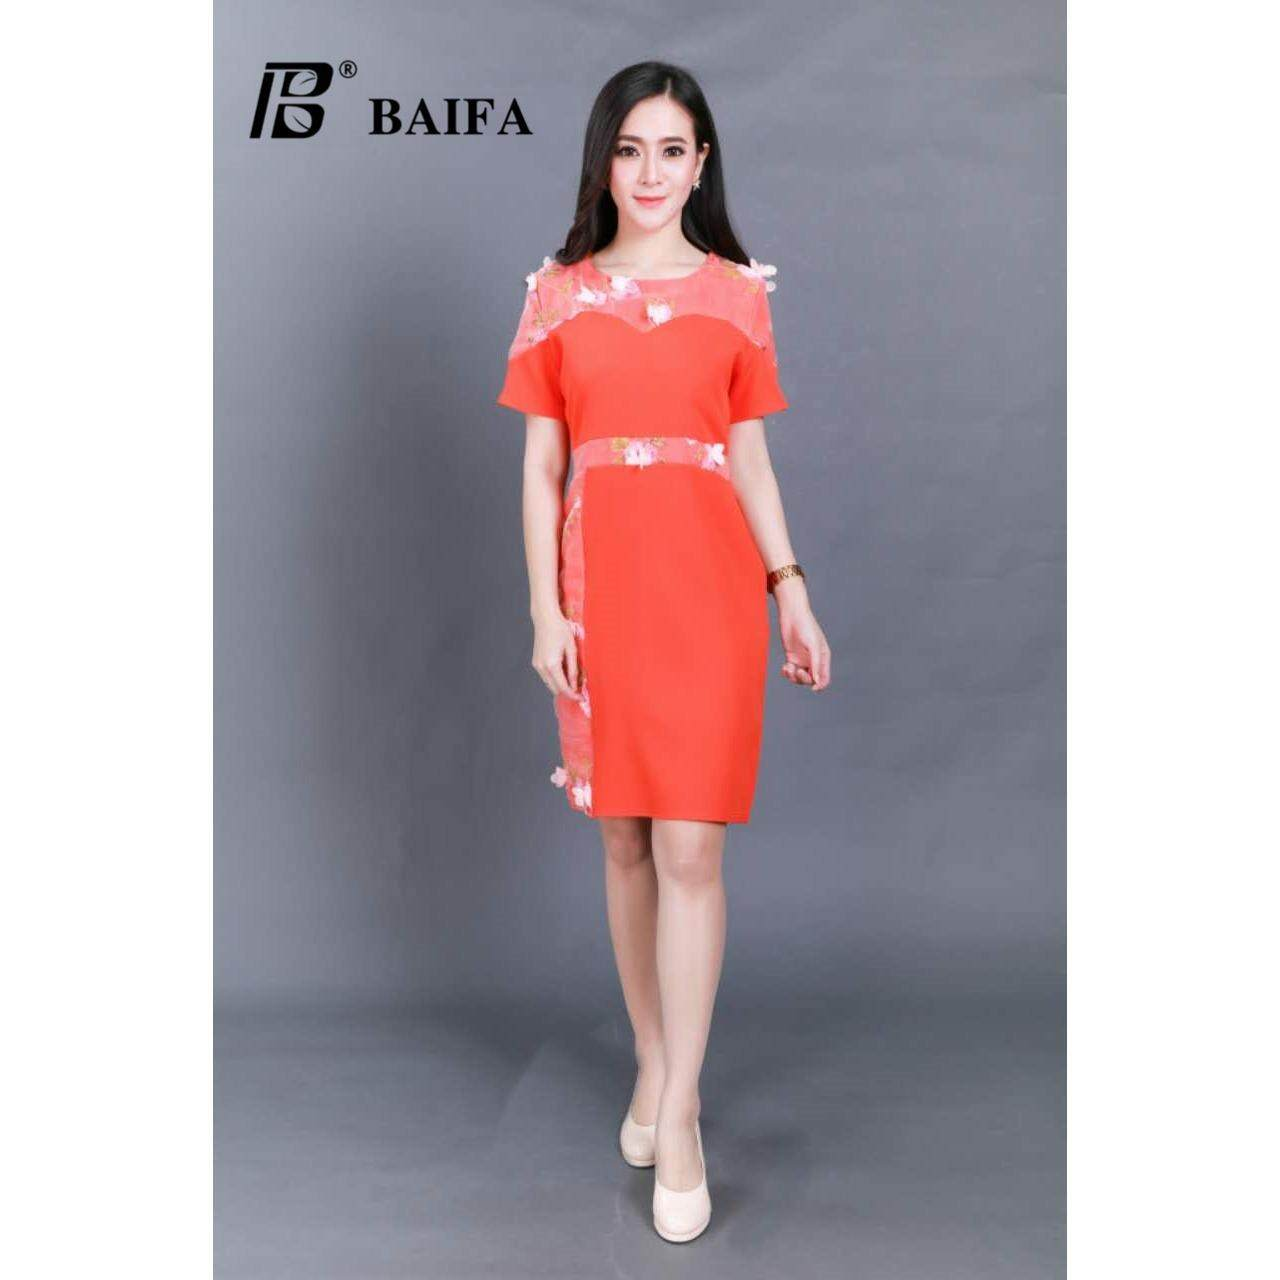 Baifa Shop ชุดเดรสดำเอวระบาย ลูกไม้ผ้าเนื้อดี ไม่ต้องรีด ทรงสวยหรู รุ่น3302 Size อก 34 38 ยาว 36 กรุงเทพมหานคร